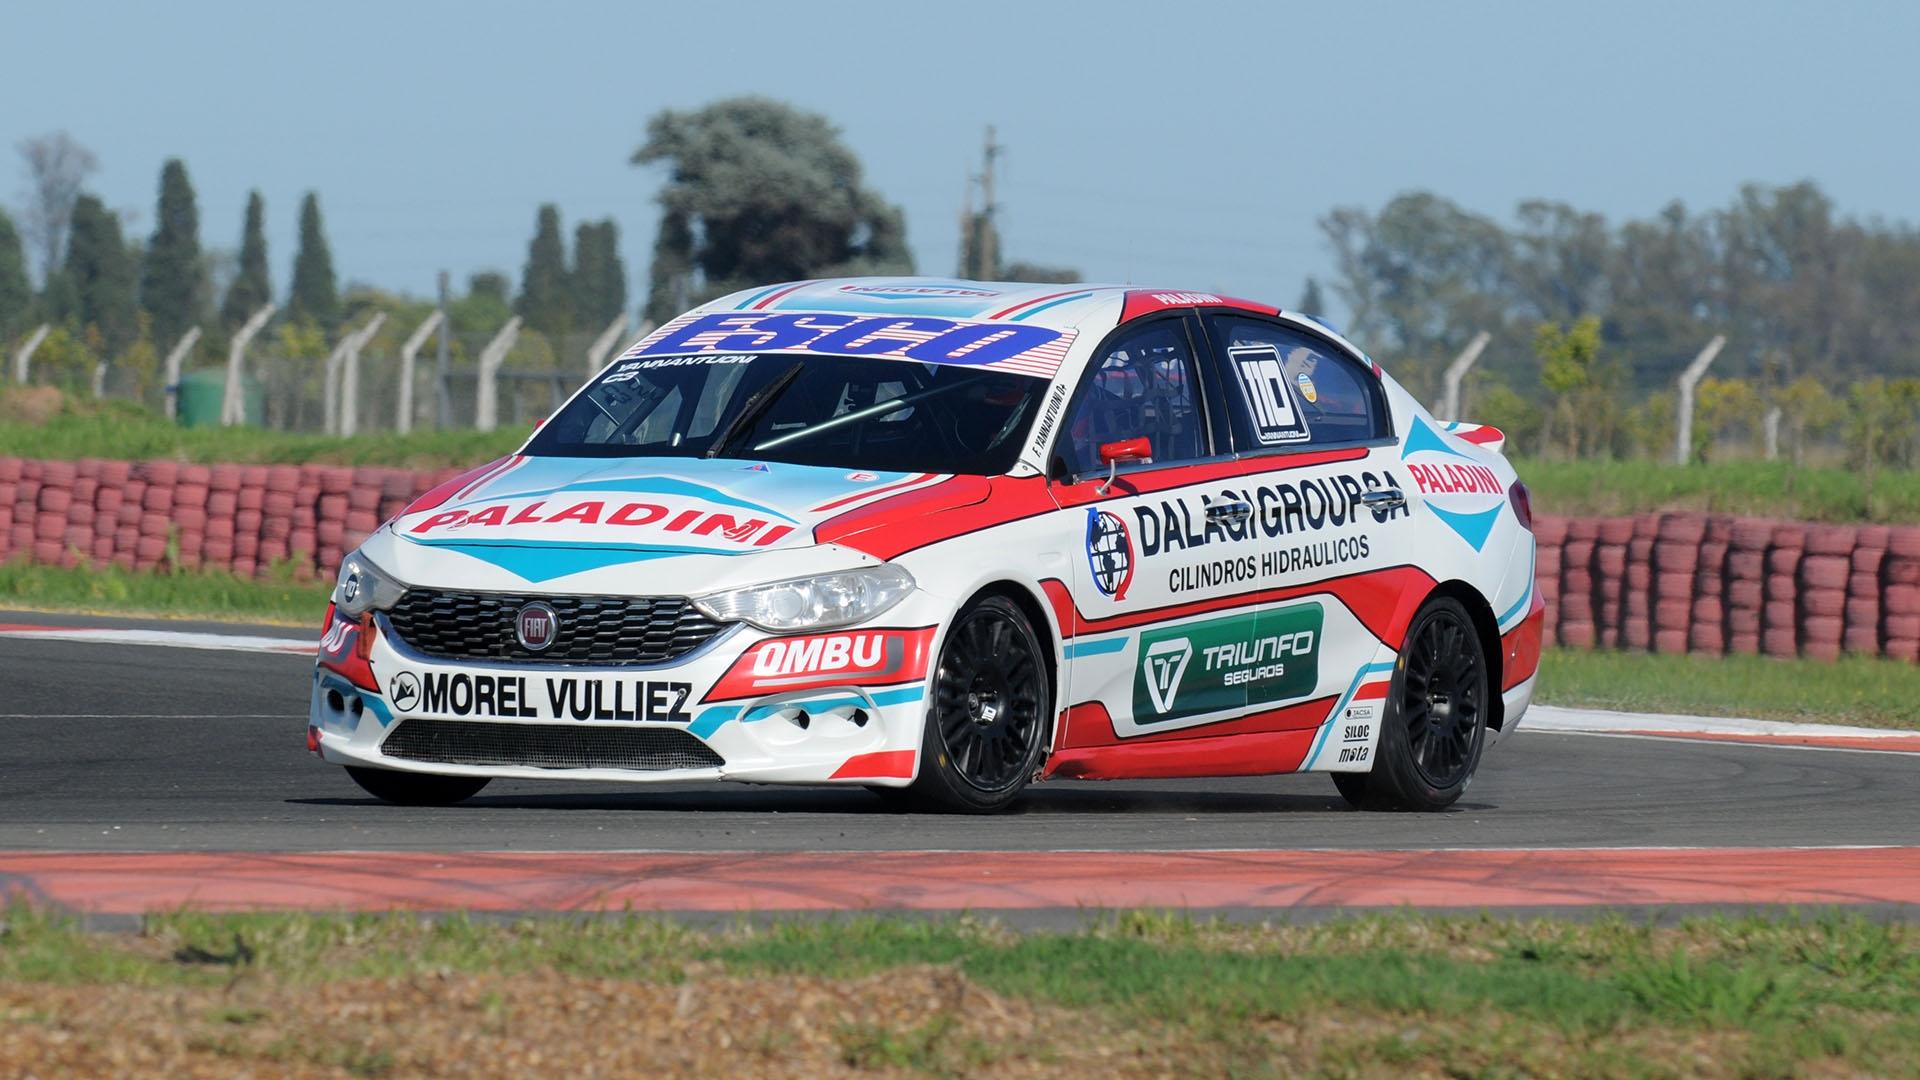 Resumen de pruebas en el Autódromo San Nicolás Ciudad